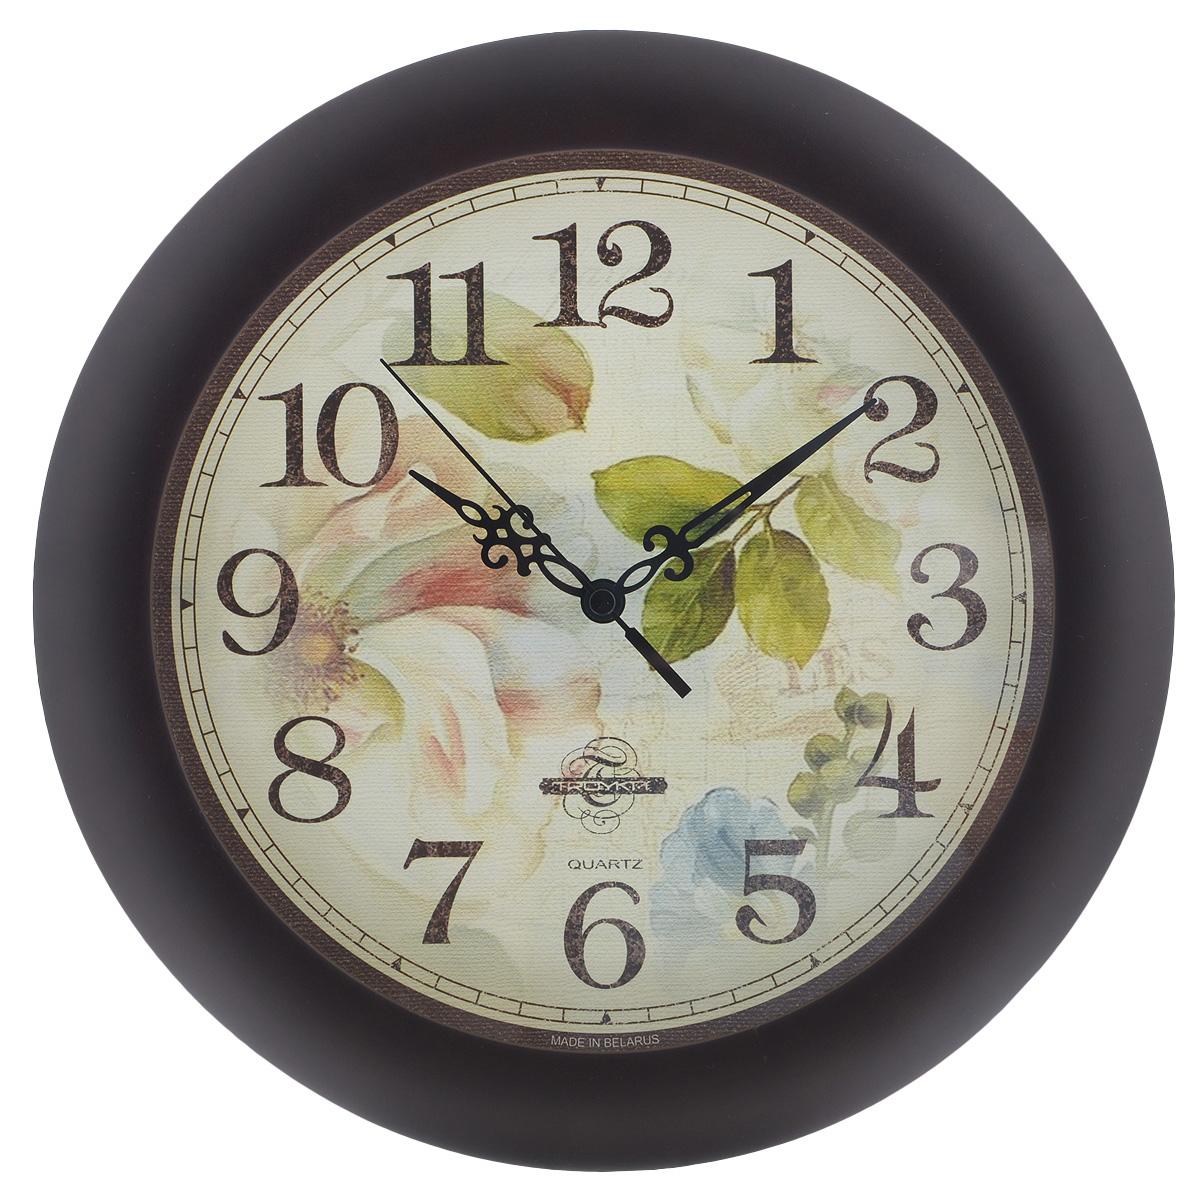 Часы настенные Troyka Цветы, цвет: светло-зеленый, коричневый. 11163159300074_ежевикаНастенные кварцевые часы Troyka Цветы, изготовленные из пластика, прекрасно подойдут под интерьер вашего дома. Круглые часы имеют три стрелки: часовую, минутную и секундную, циферблат украшен изображением цветов и защищен прозрачным пластиком.Диаметр часов: 30 см.Часы работают от 1 батарейки типа АА напряжением 1,5 В (входит в комплект).